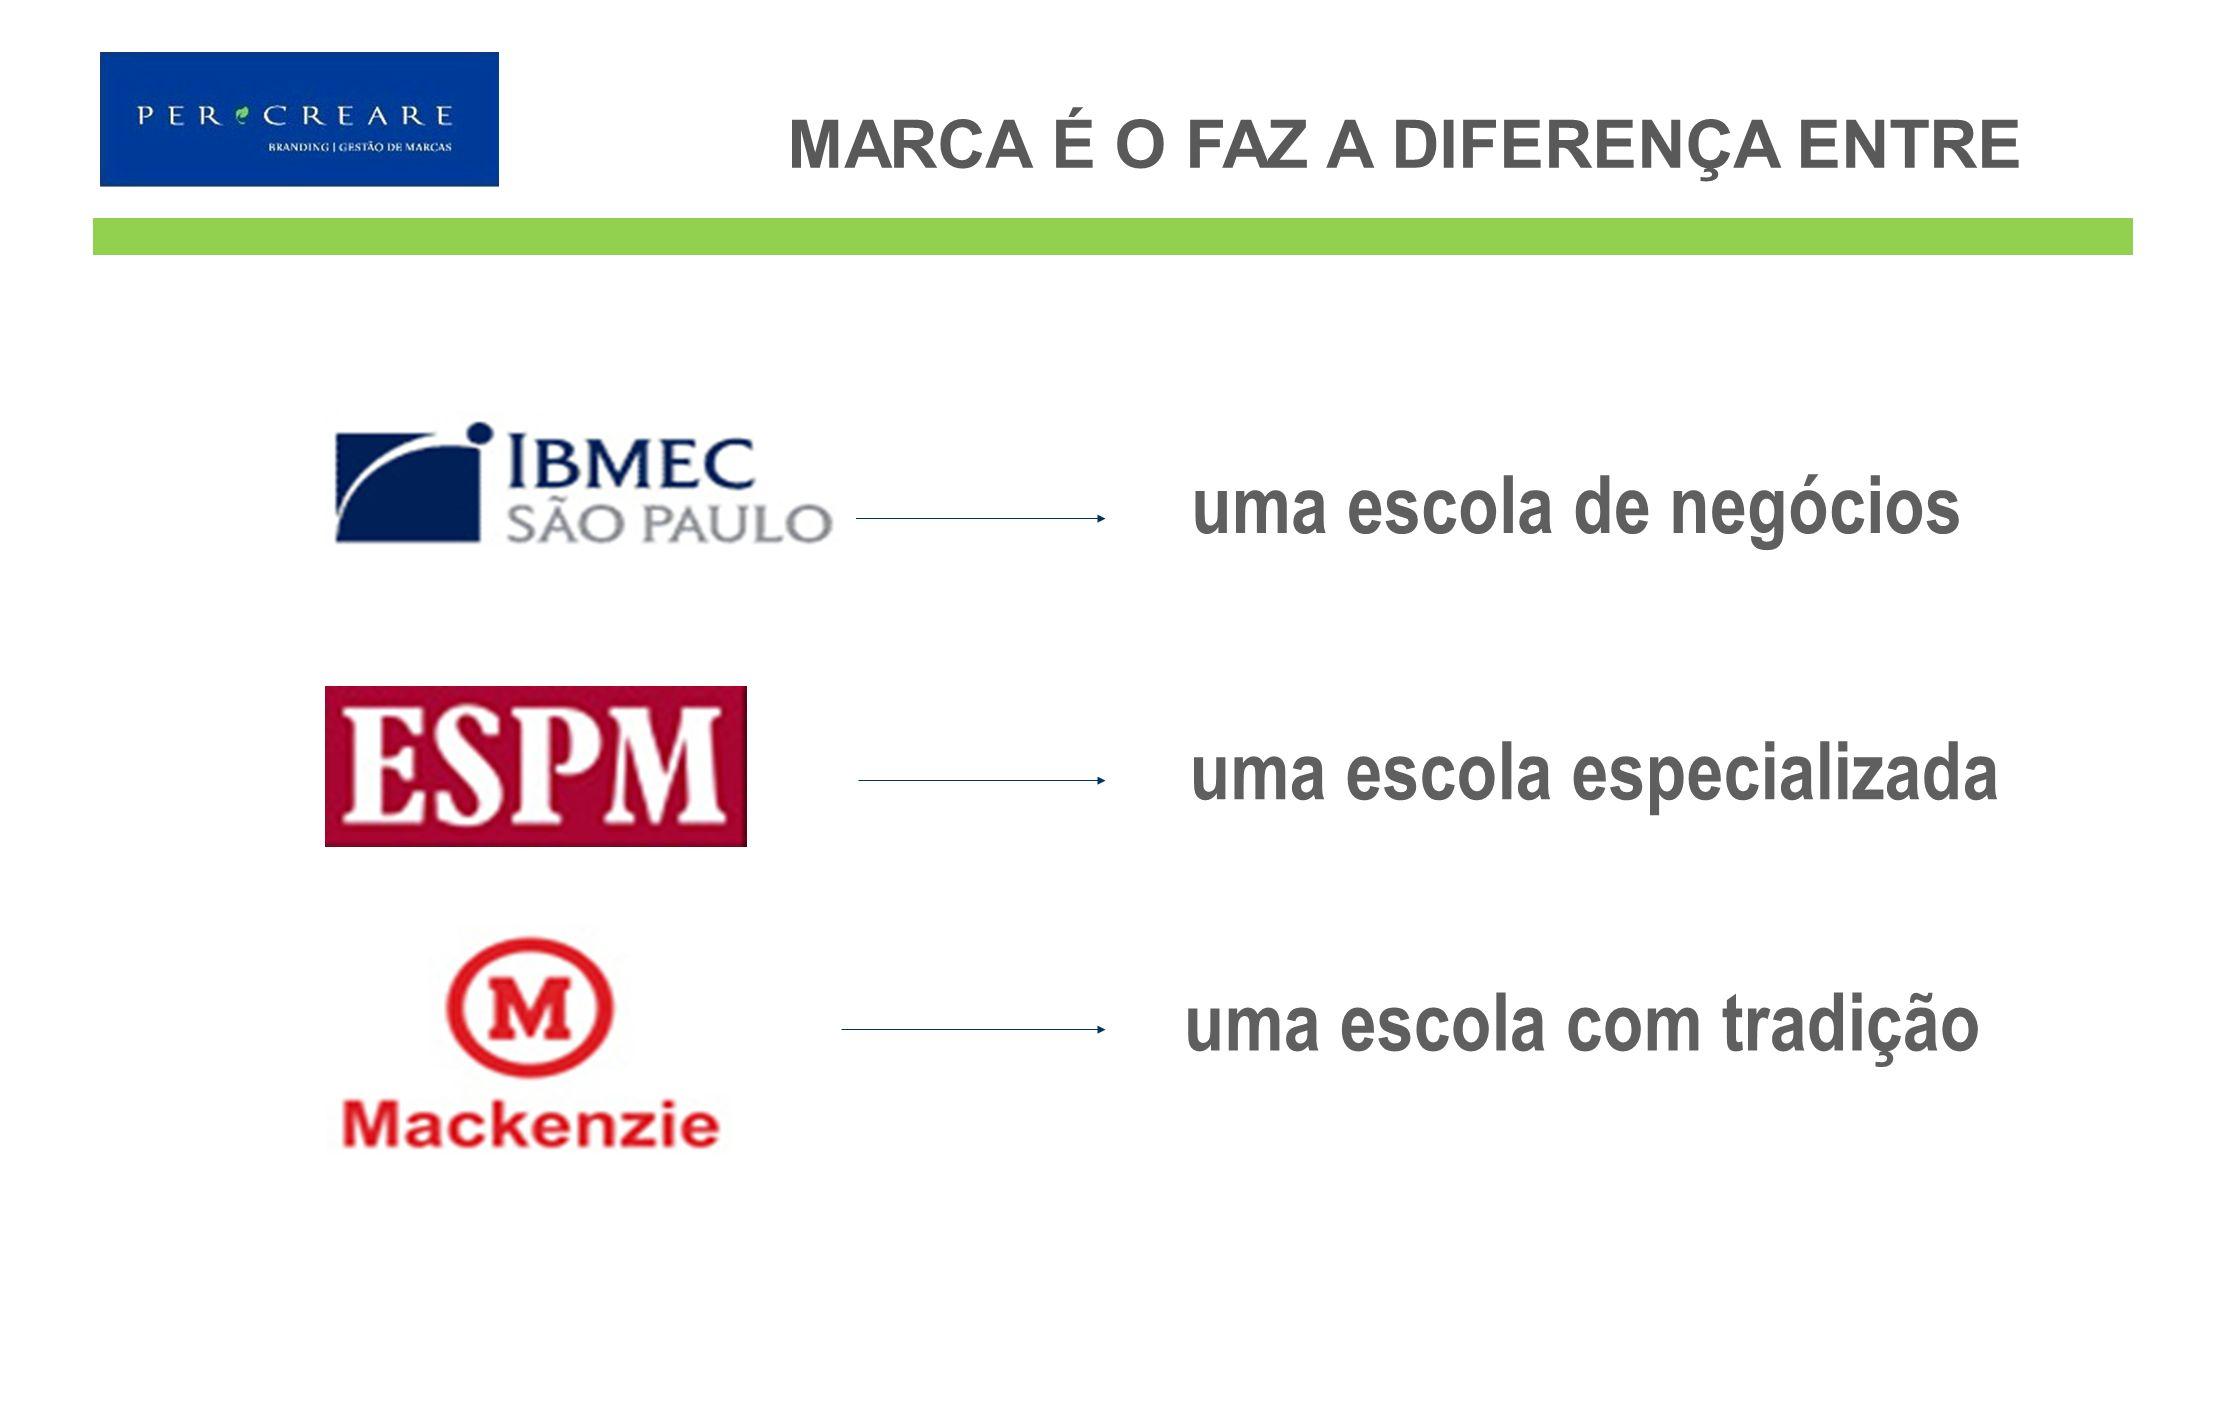 MARCA É O FAZ A DIFERENÇA ENTRE. uma escola de negócios uma escola especializada uma escola com tradição